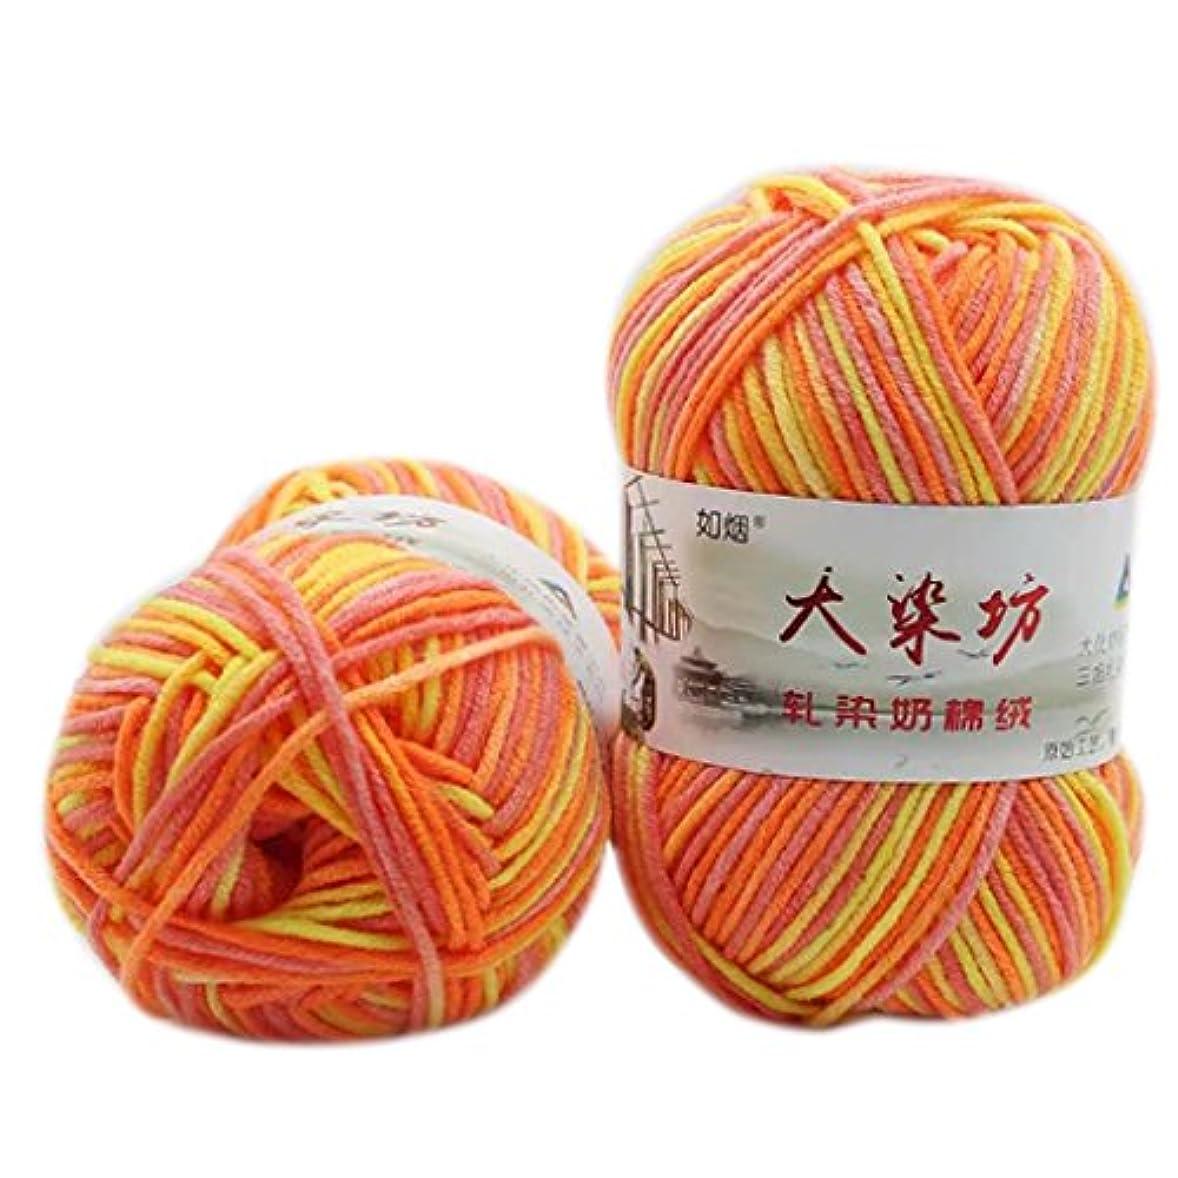 プログラムペインティング戻すKofun 編み糸, 5ストランドミルクコットン編み糸厚いかぎ針編みウォーマーベビーセータースカーフ オレンジ